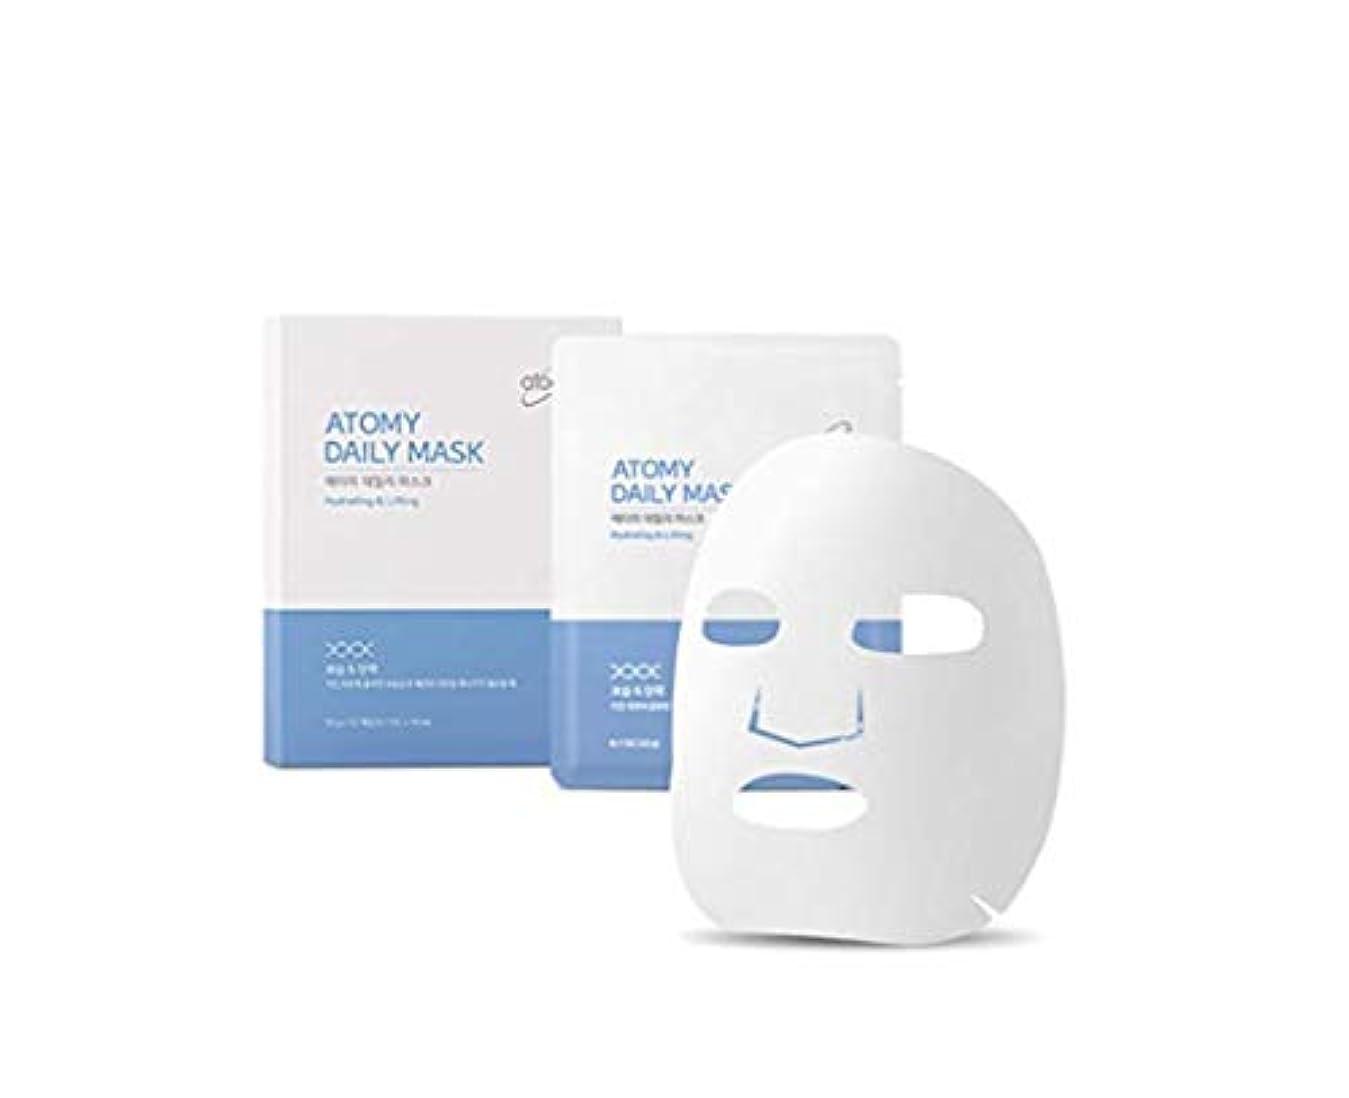 ミッション性的の配列[NEW] Atomy Daily Mask Sheet 10 Pack- Hydrating & Lifting アトミ 自然由来の成分と4つの特許成分マスクパック(並行輸入品)